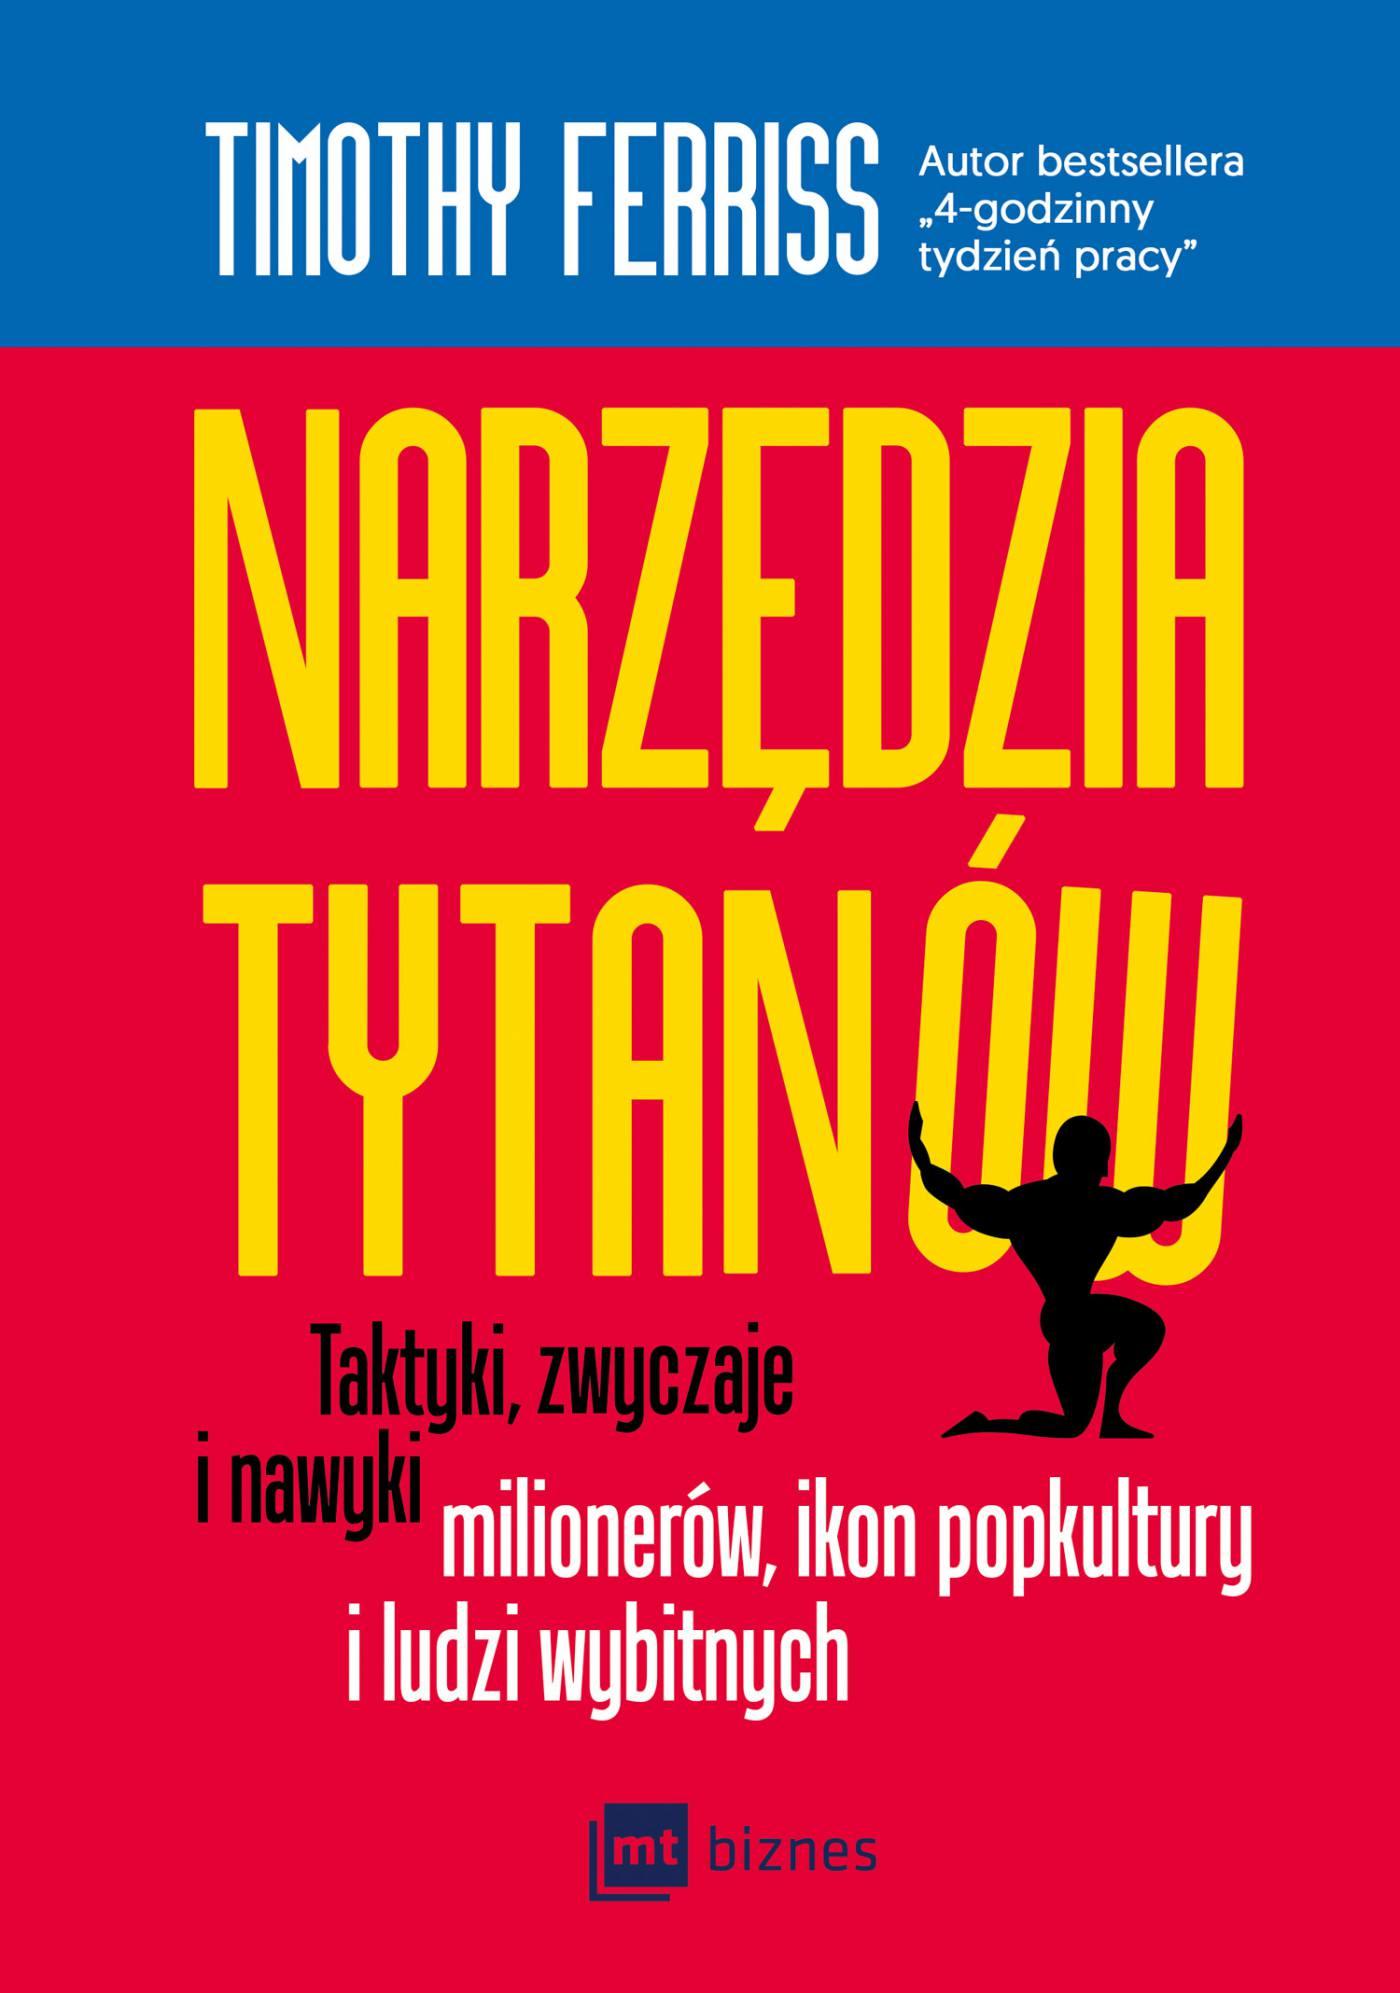 Narzędzia Tytanów. Taktyki, zwyczaje i nawyki milionerów, ikon popkultury i ludzi wybitnych - Ebook (Książka na Kindle) do pobrania w formacie MOBI